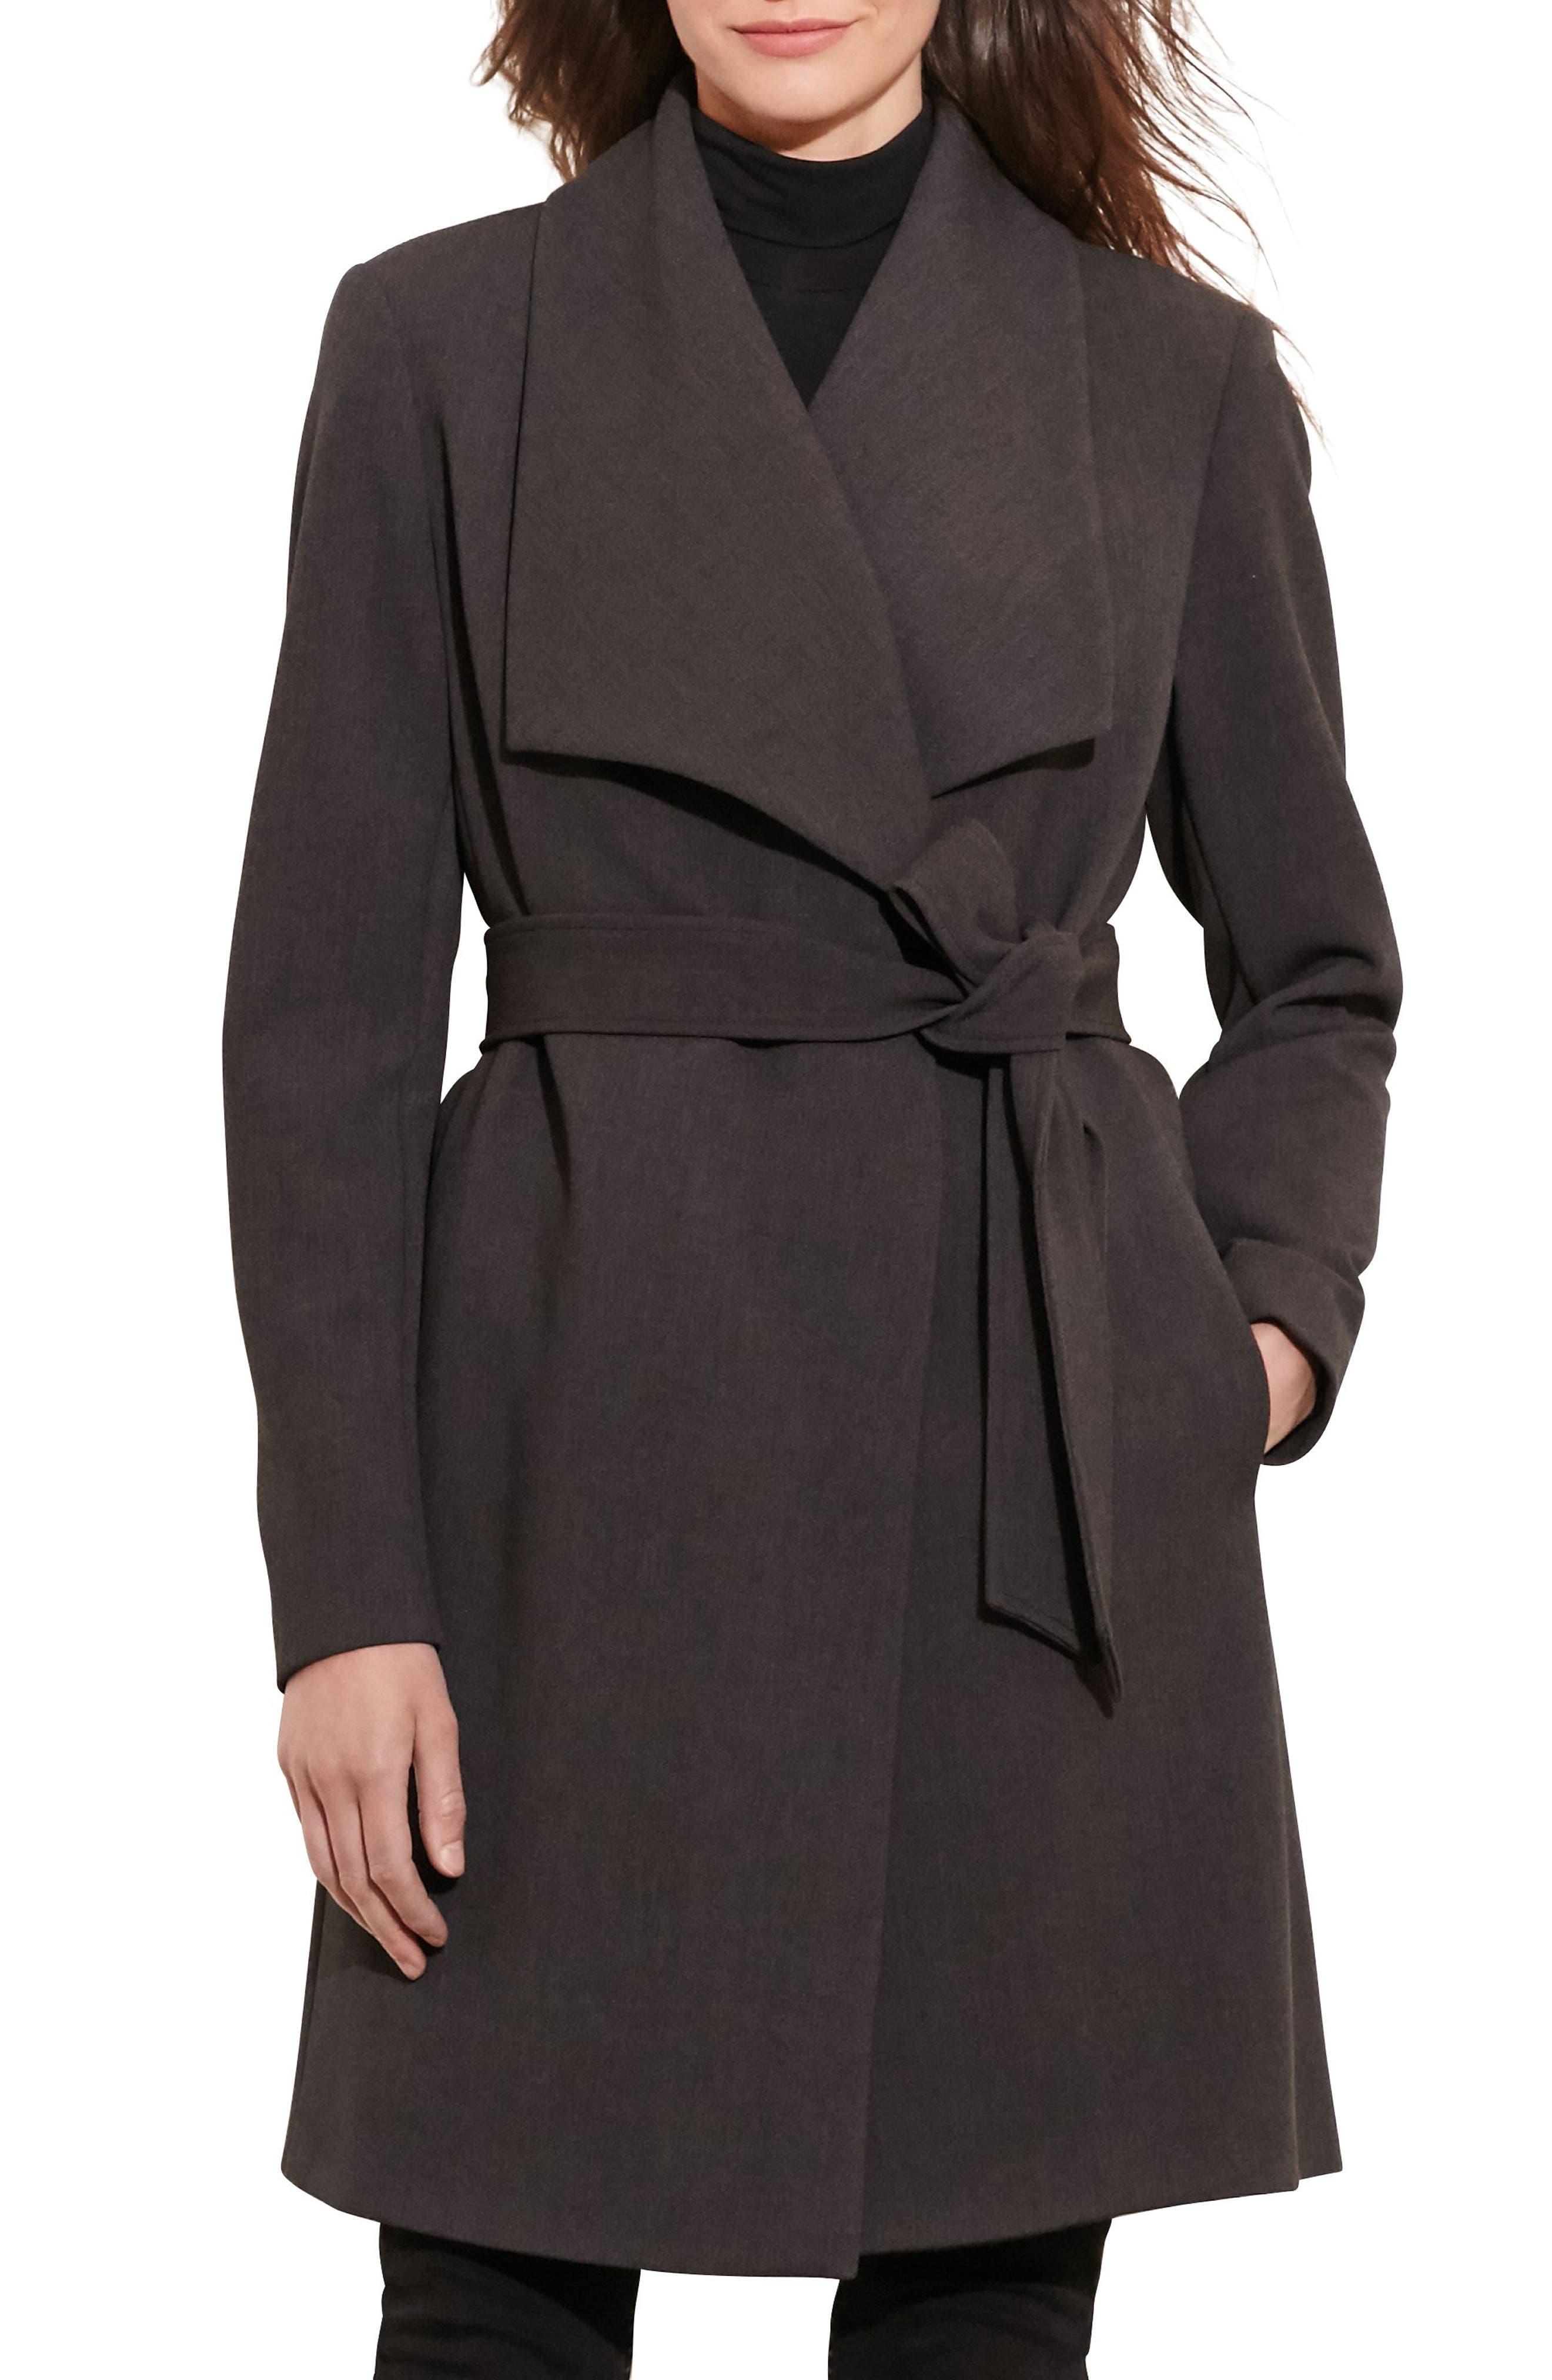 Main Image - Lauren Ralph Lauren Belted Drape Front Coat (Regular & Petite)